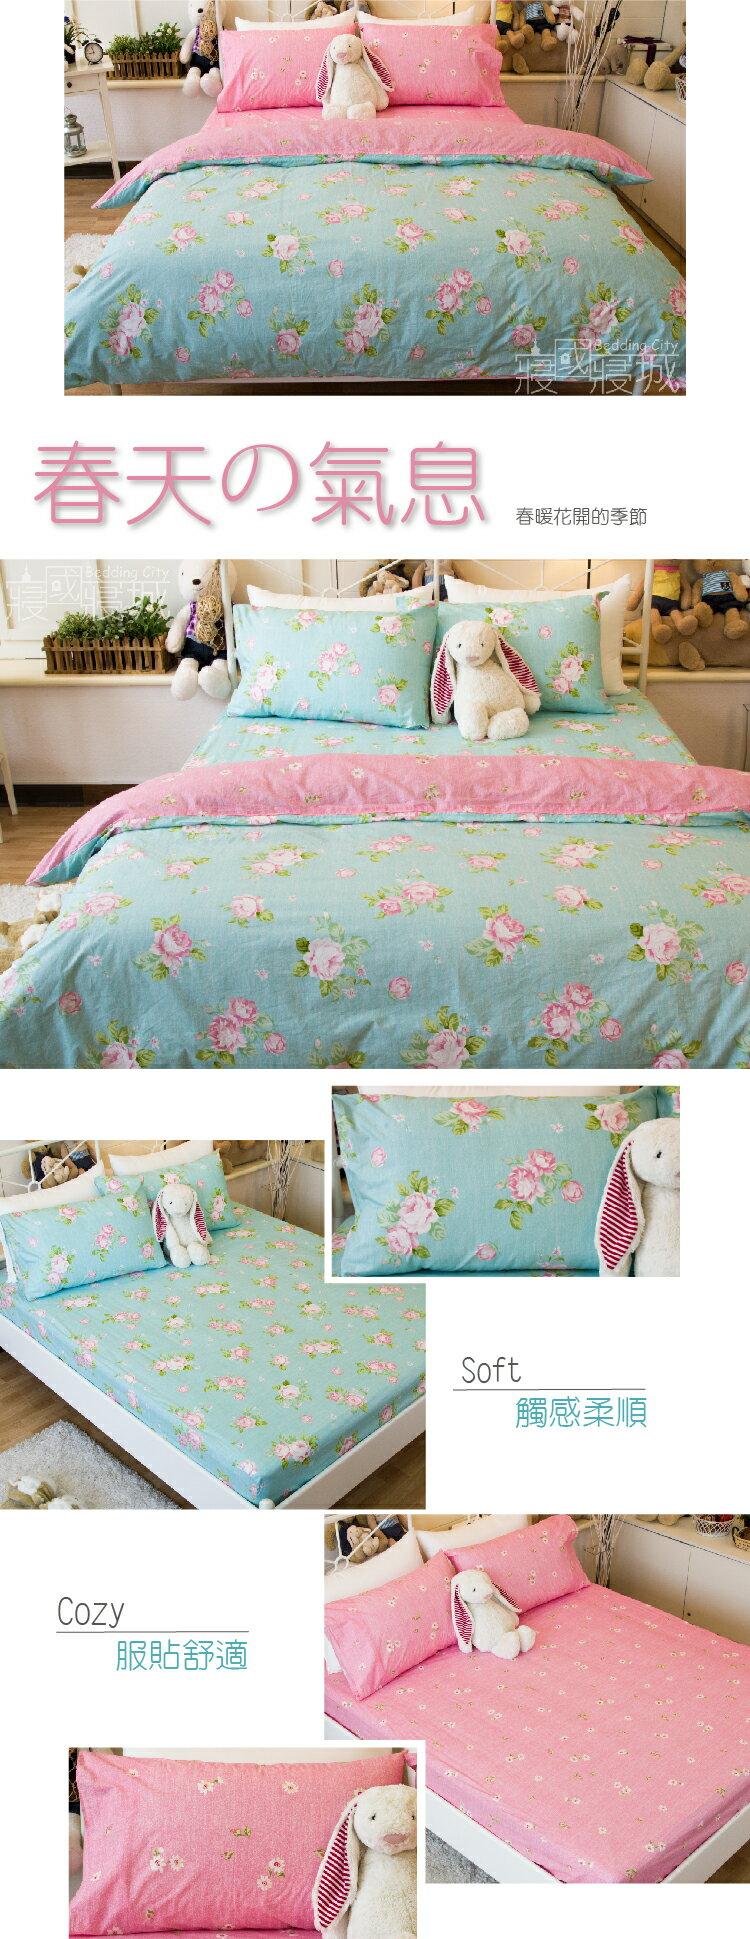 精梳棉-春天的氣息加大雙人床包組 #綠色玫瑰花【大鐘印染、台灣製造】#精梳純綿 1